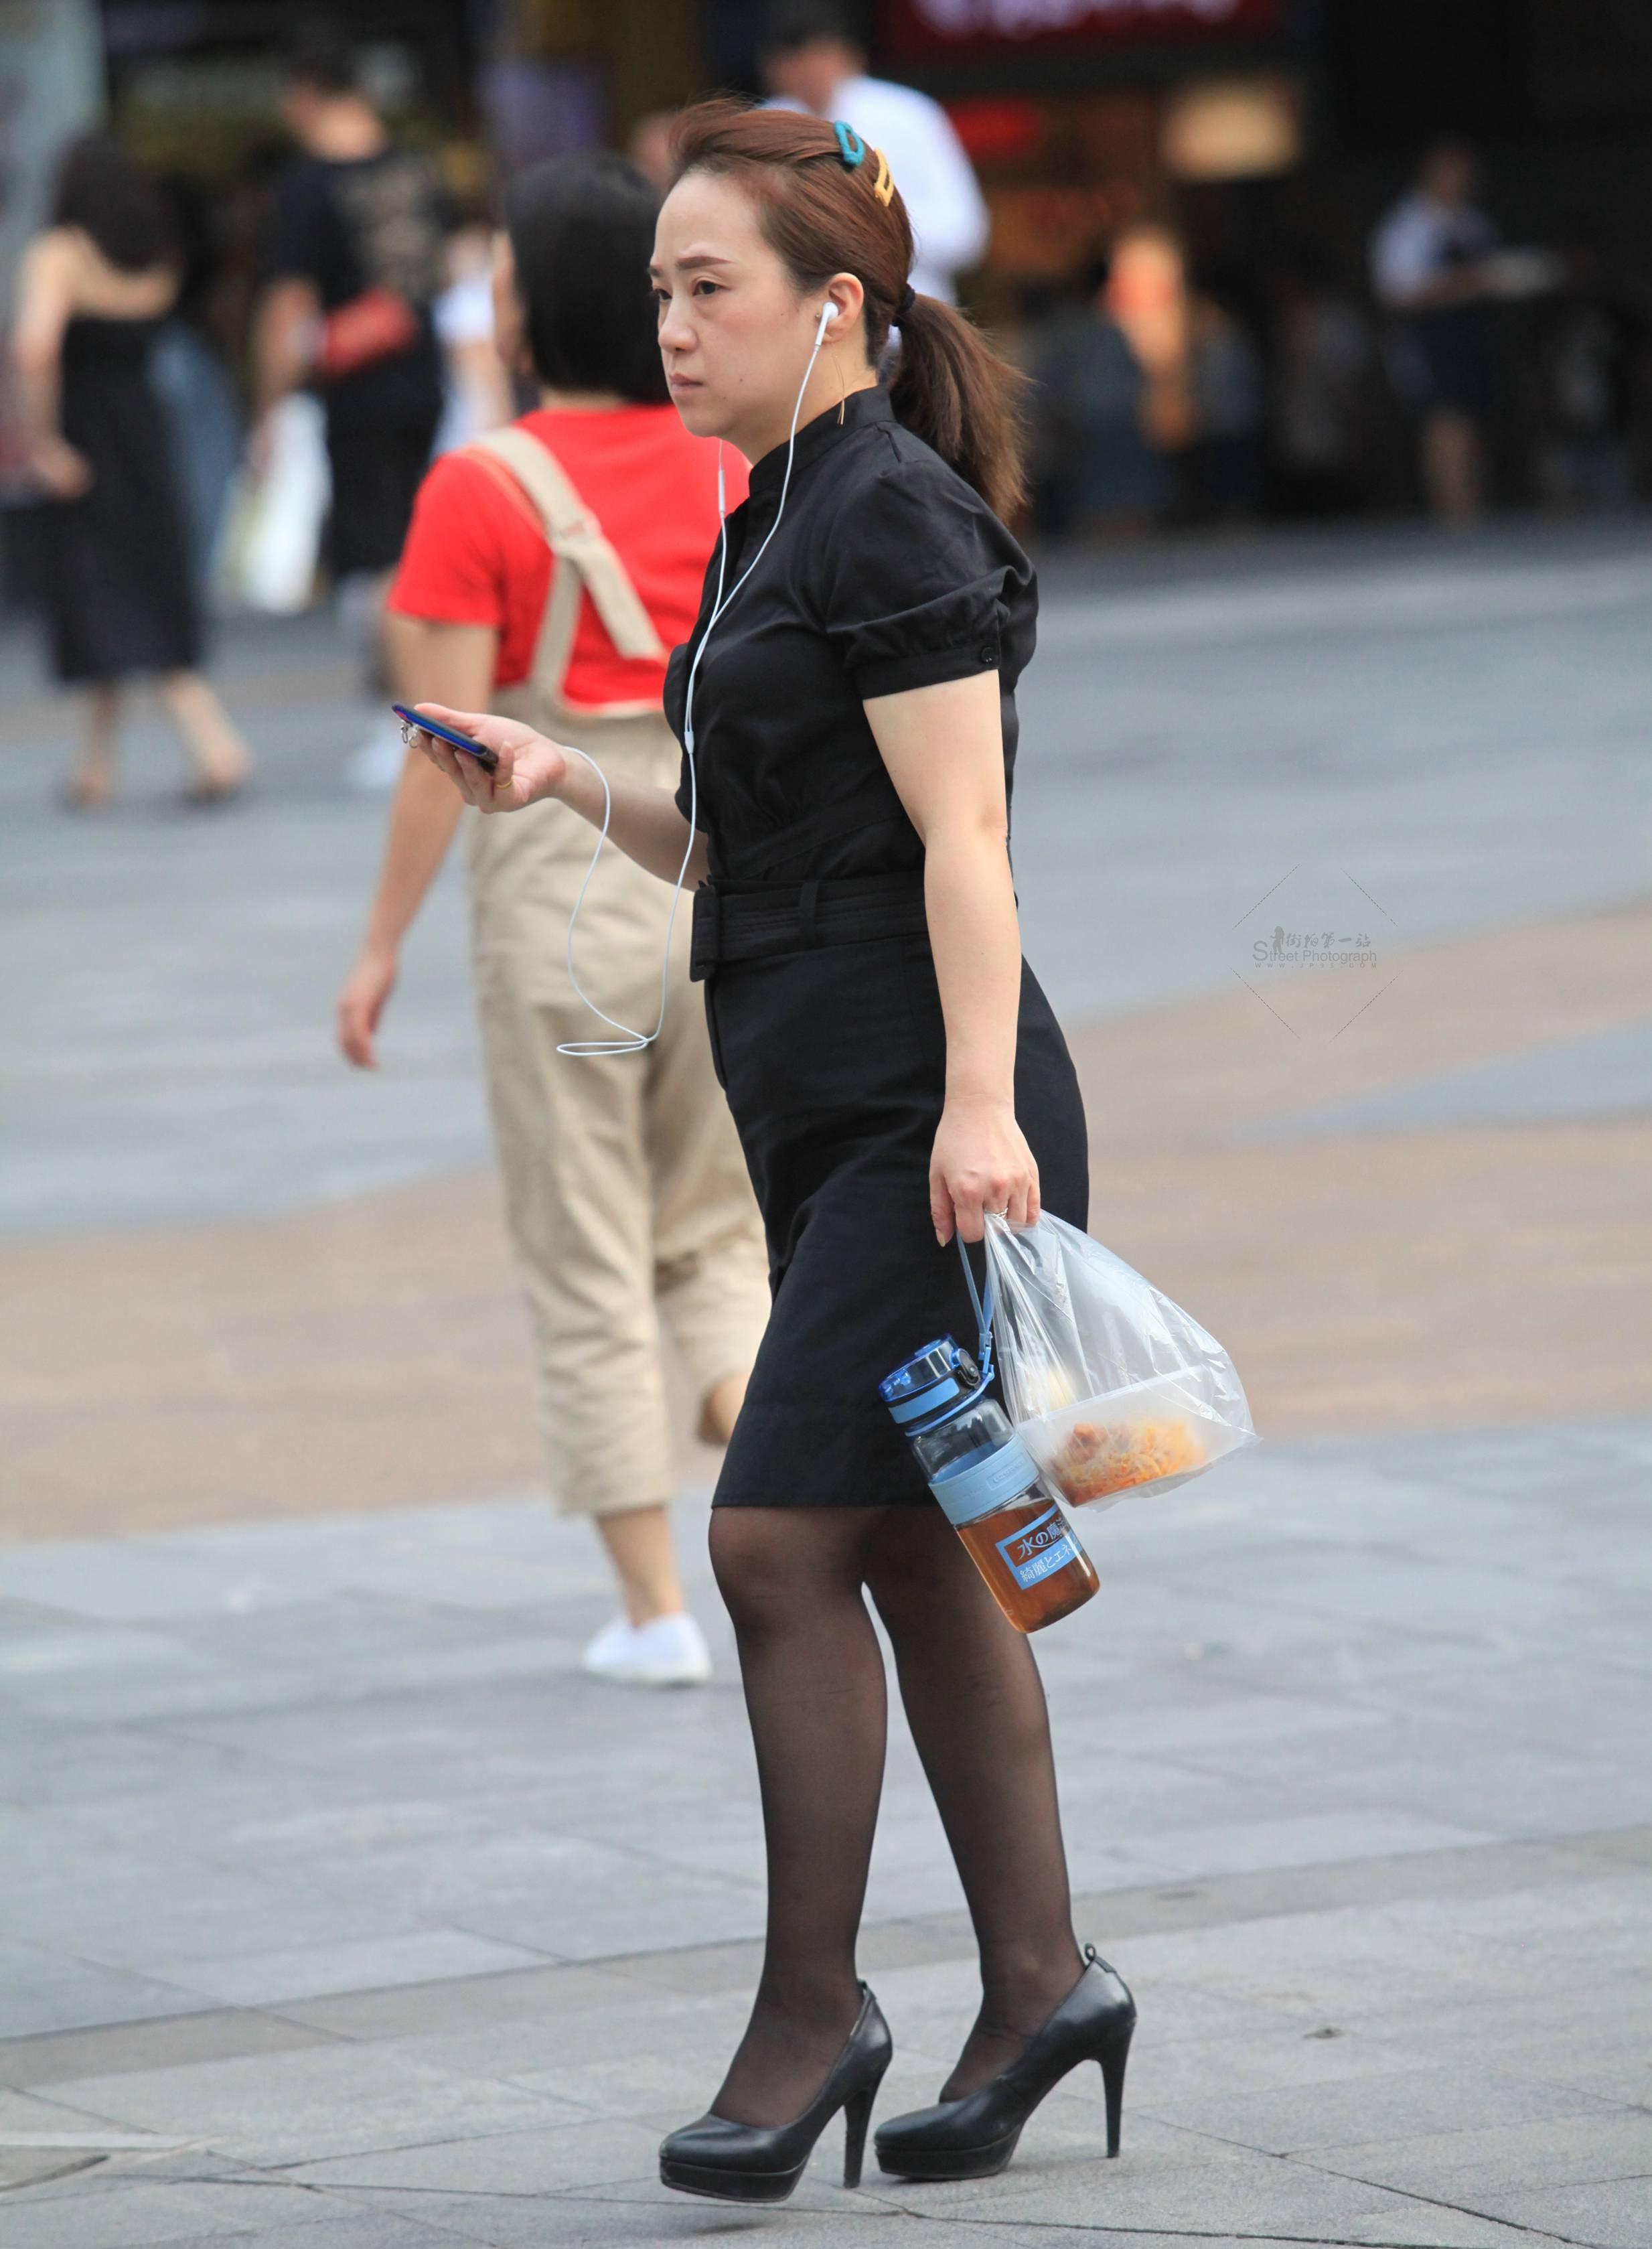 街拍高跟,街拍制服,街拍黑絲 【玨一笑而過】黑絲 高跟制服裝 最新街拍絲襪圖片 街拍絲襪第一站